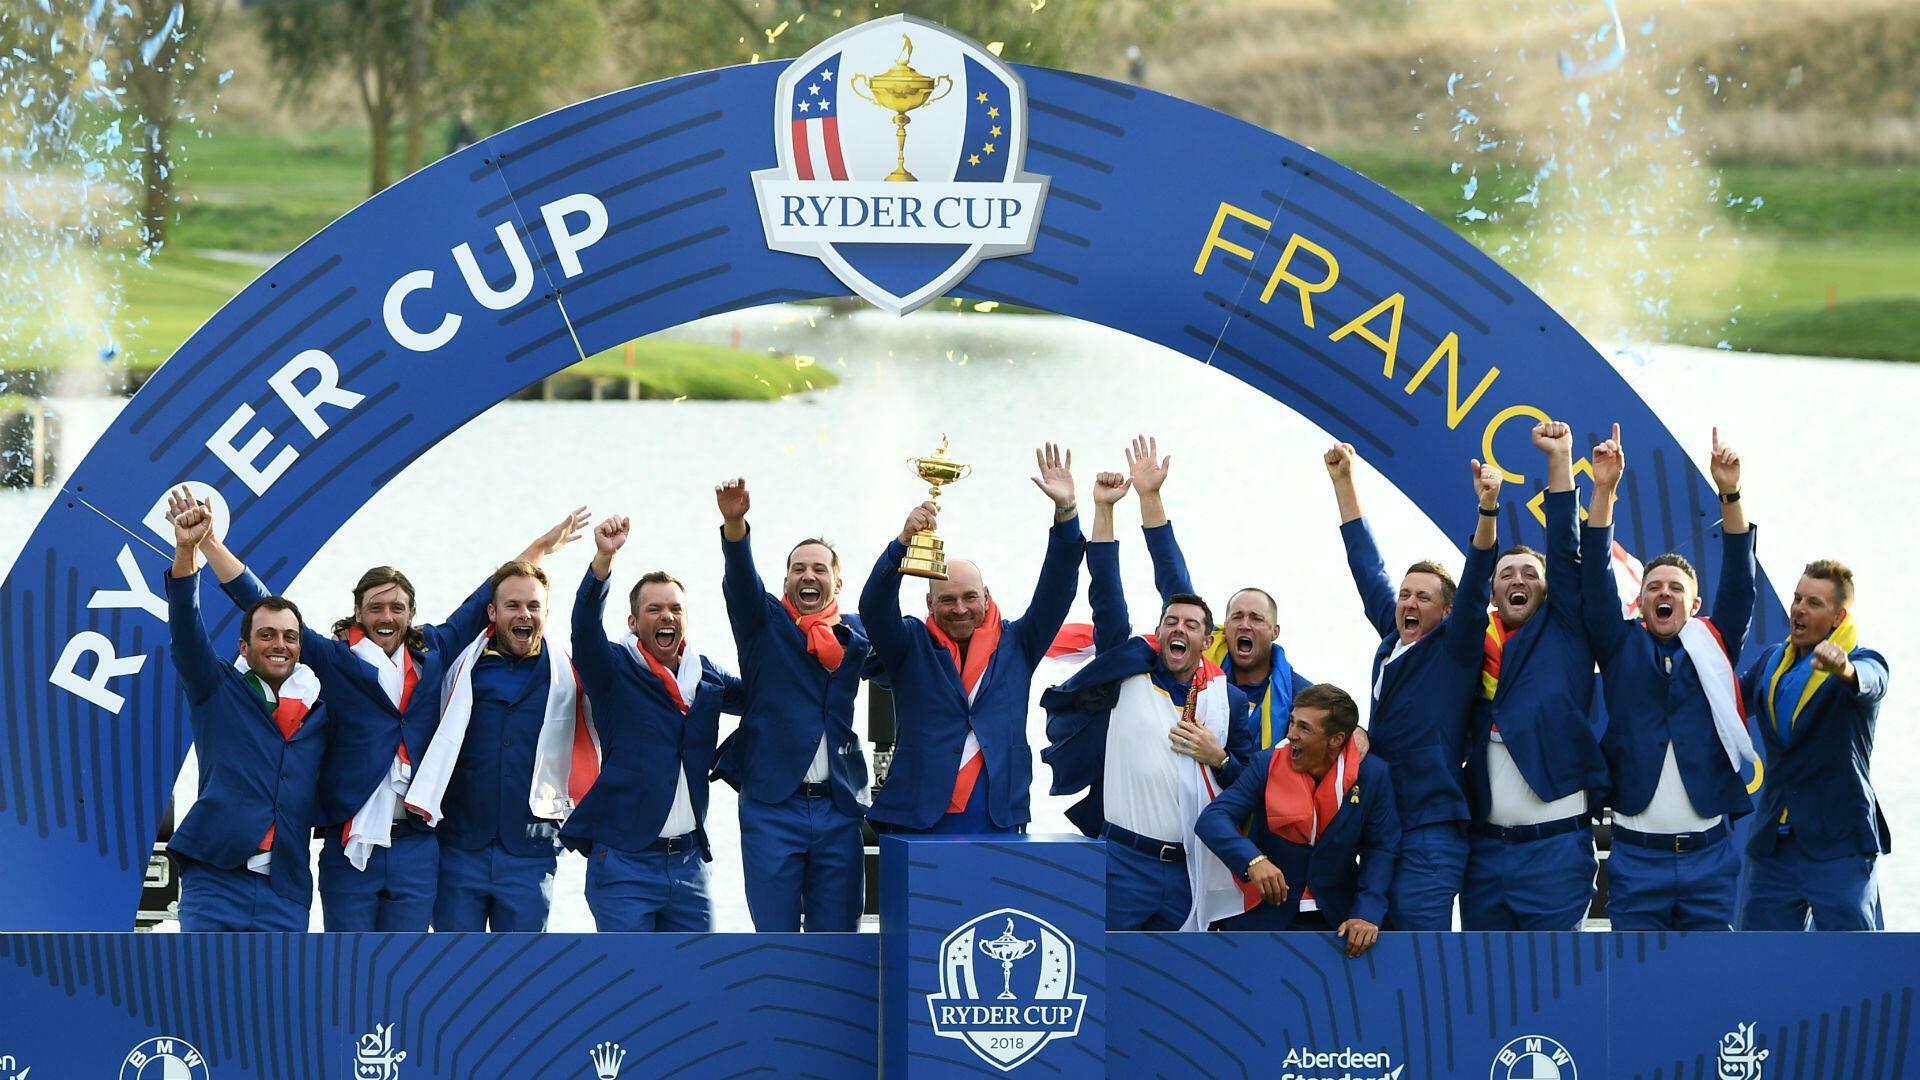 Grande première pour la France, qui accueille l'édition2018 de la RyderCup. Et si la Team Europe ne compte aucun golfeur de l'Hexagone dans ses rangs, elle triomphe brillamment des États-Unis, plombés par un Tiger Woods fantomatique.